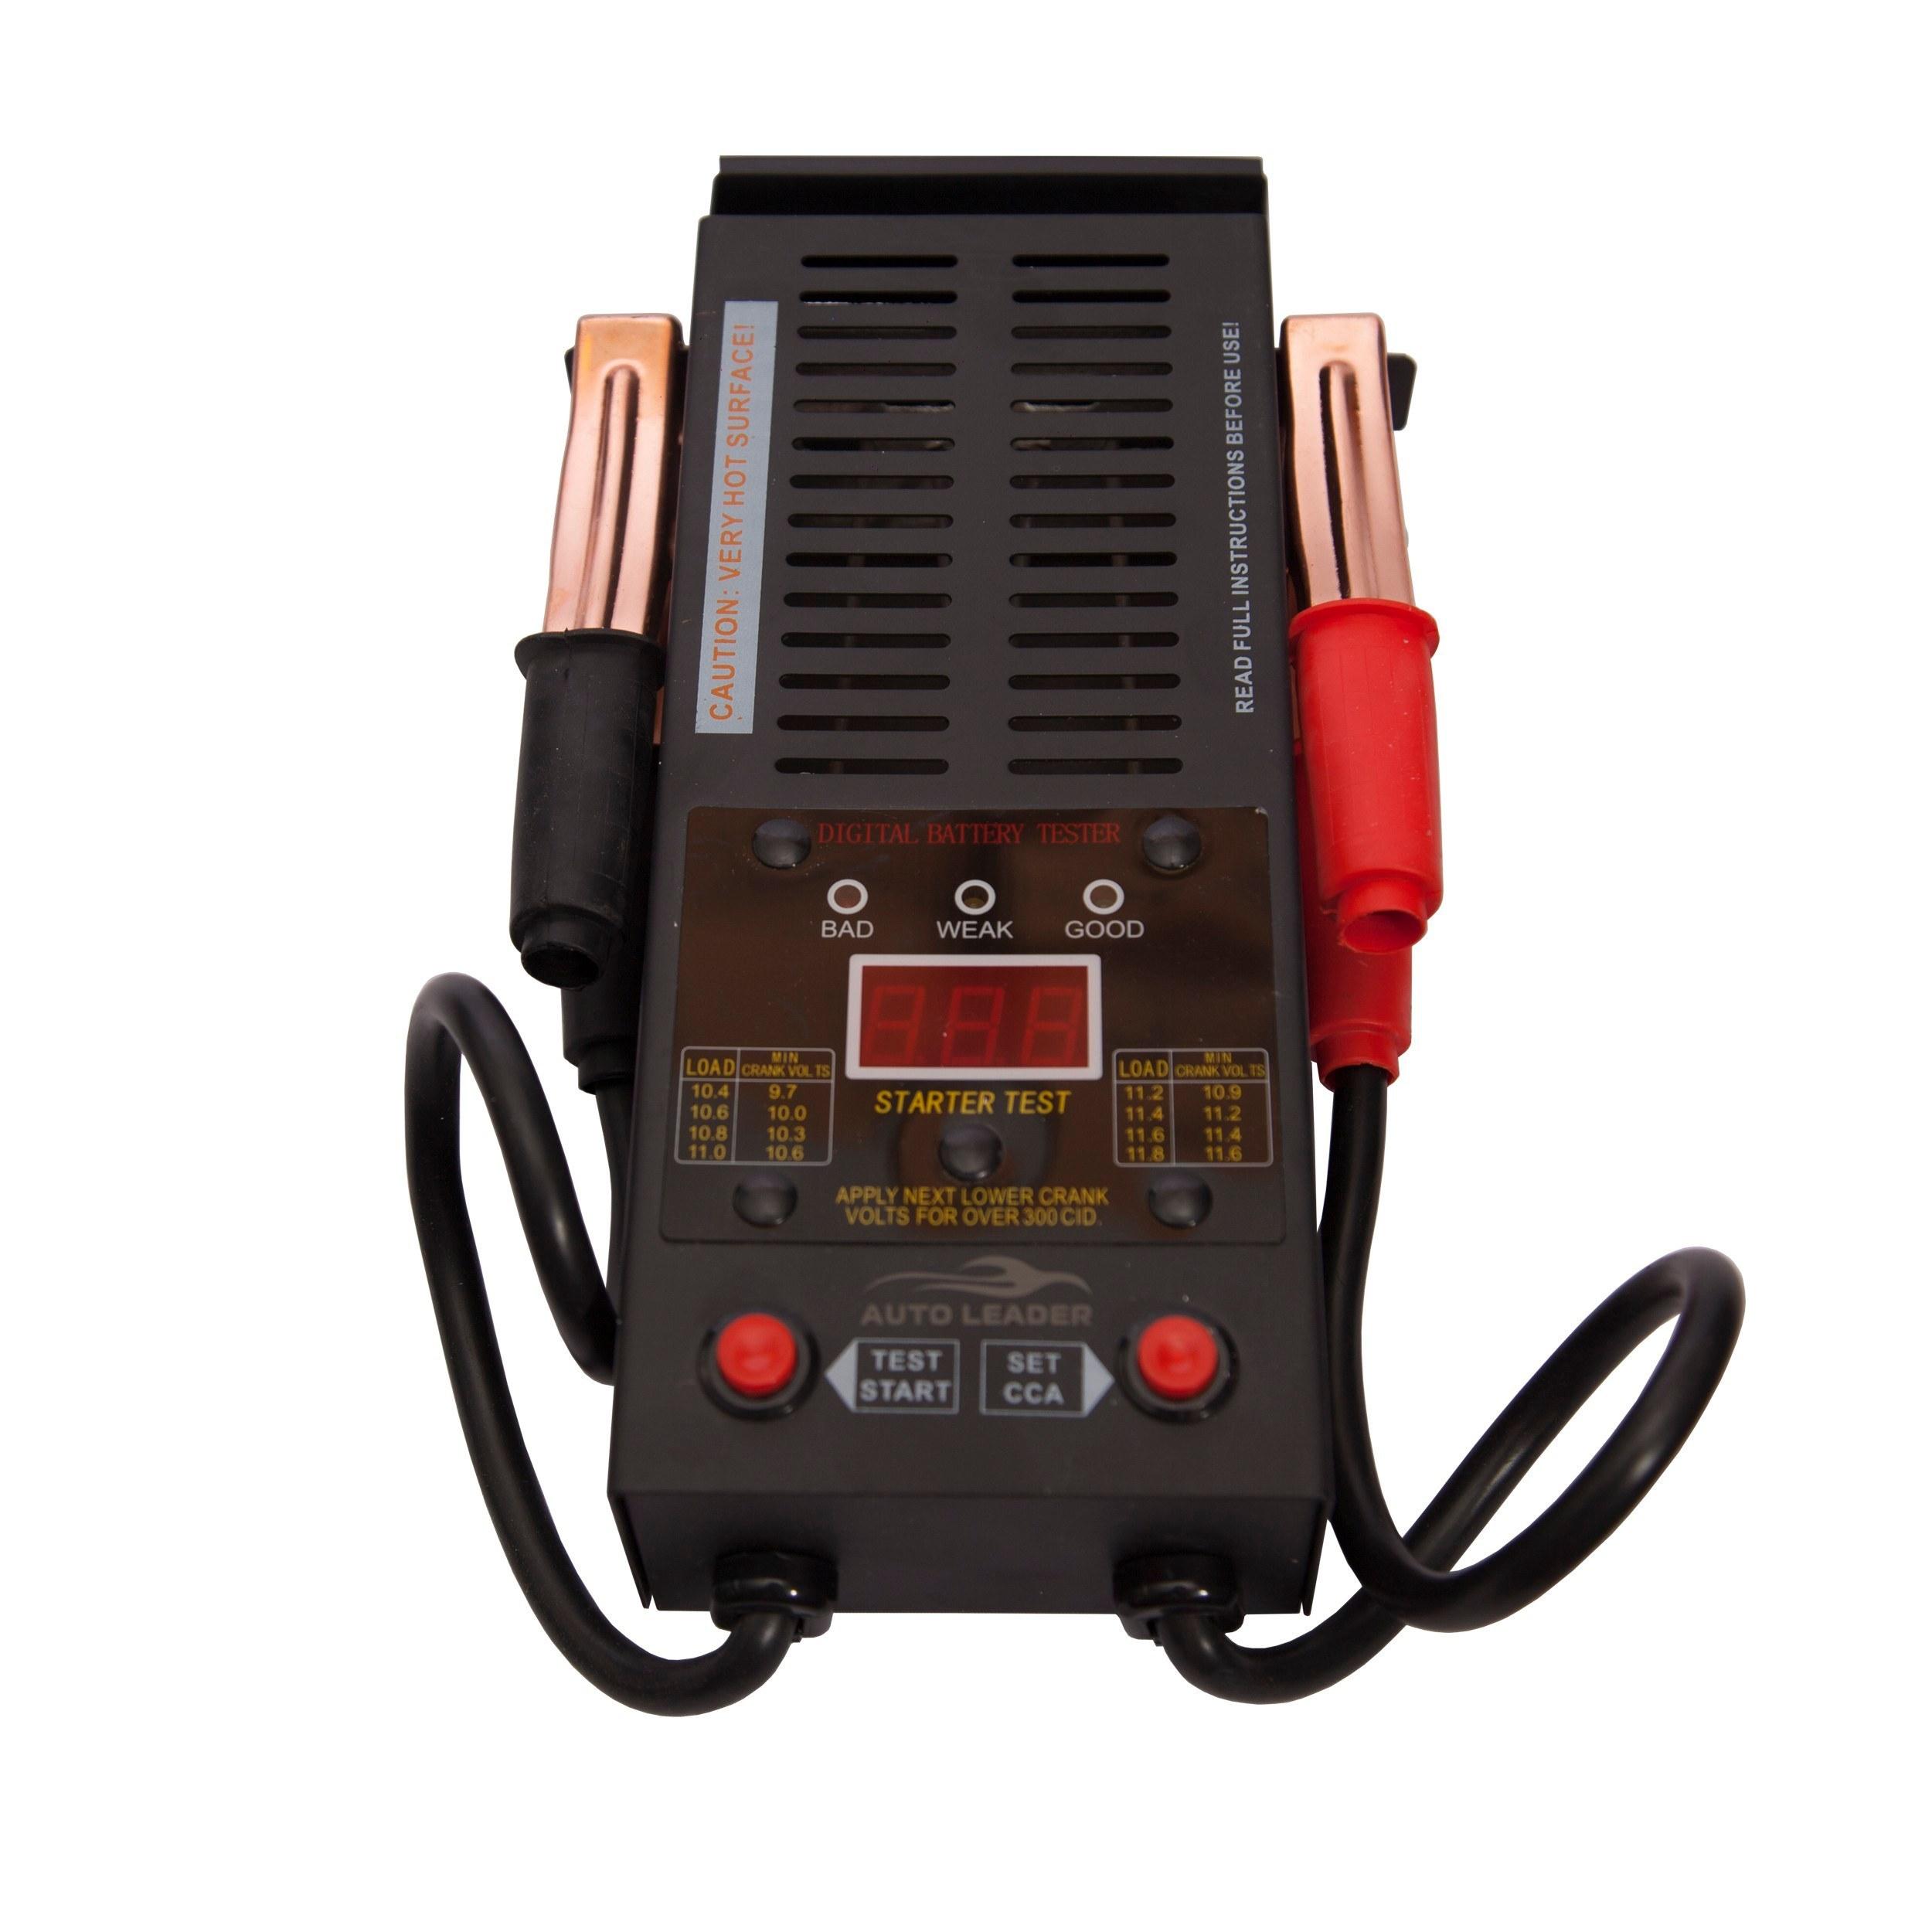 تصویر دستگاه تست باتری اتو لیدر مدل L23